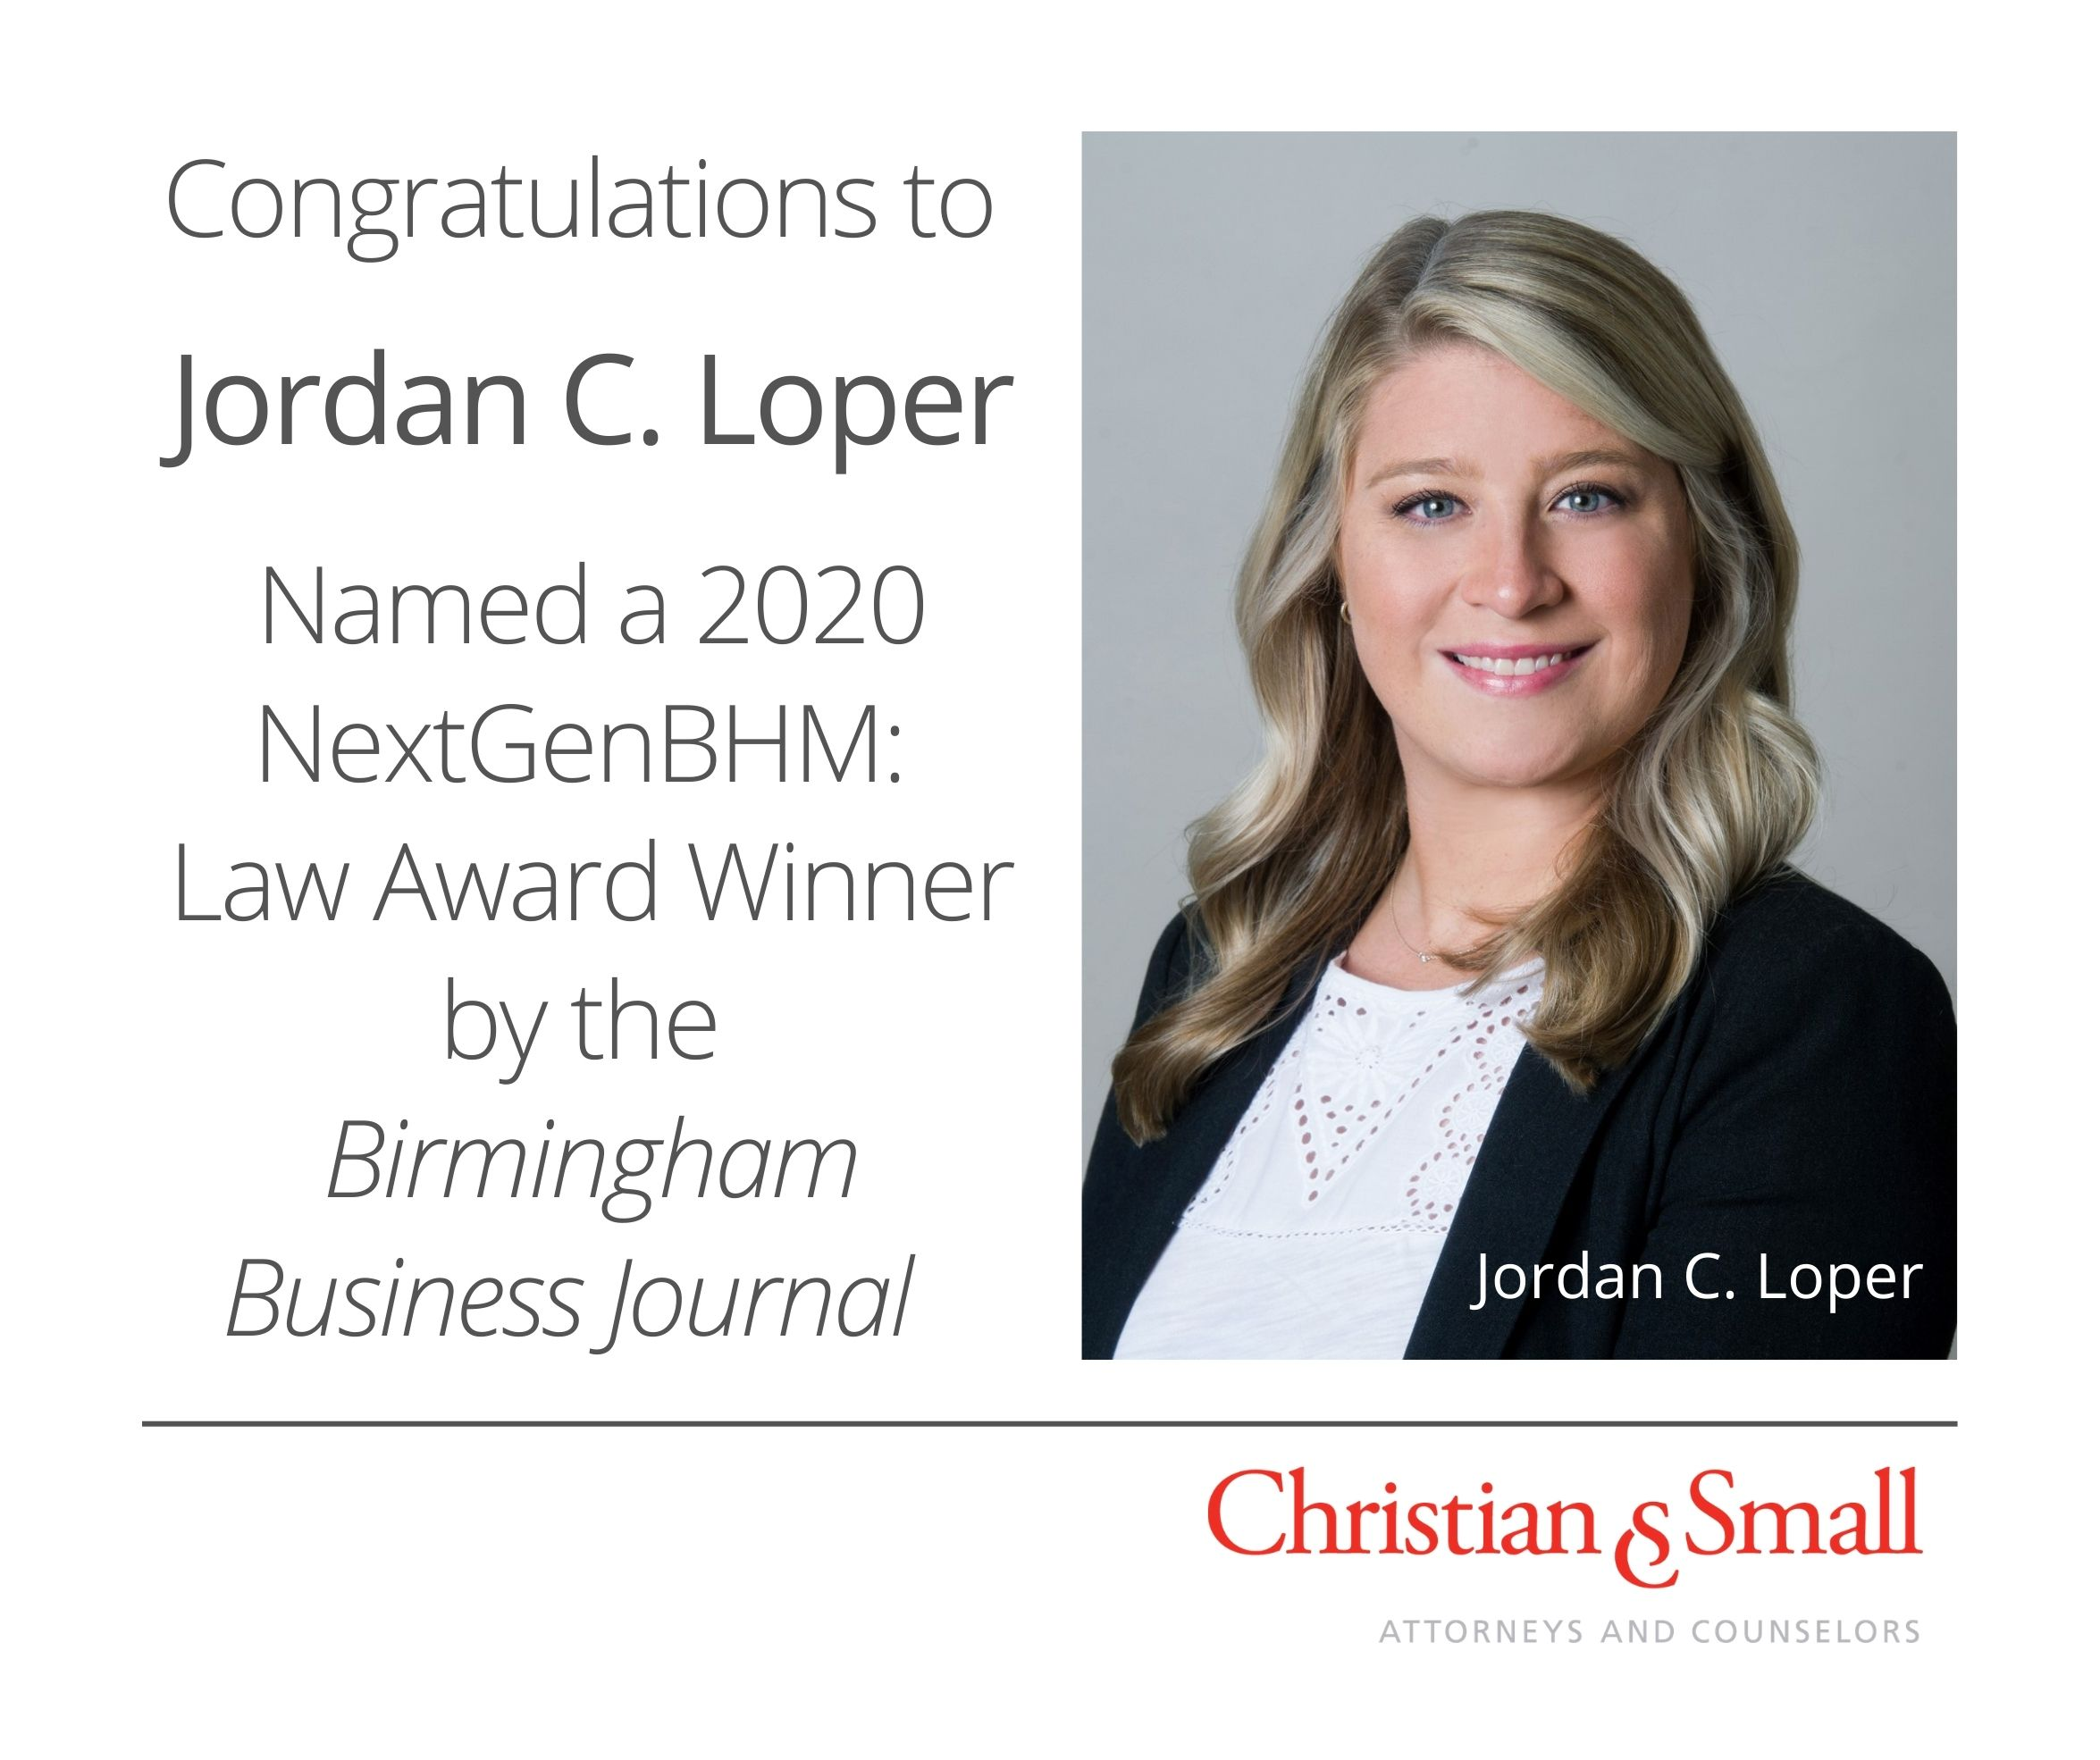 Associate Jordan Loper Recognized by Birmingham Business Journal as a NextGenBHM: Law Award Winner